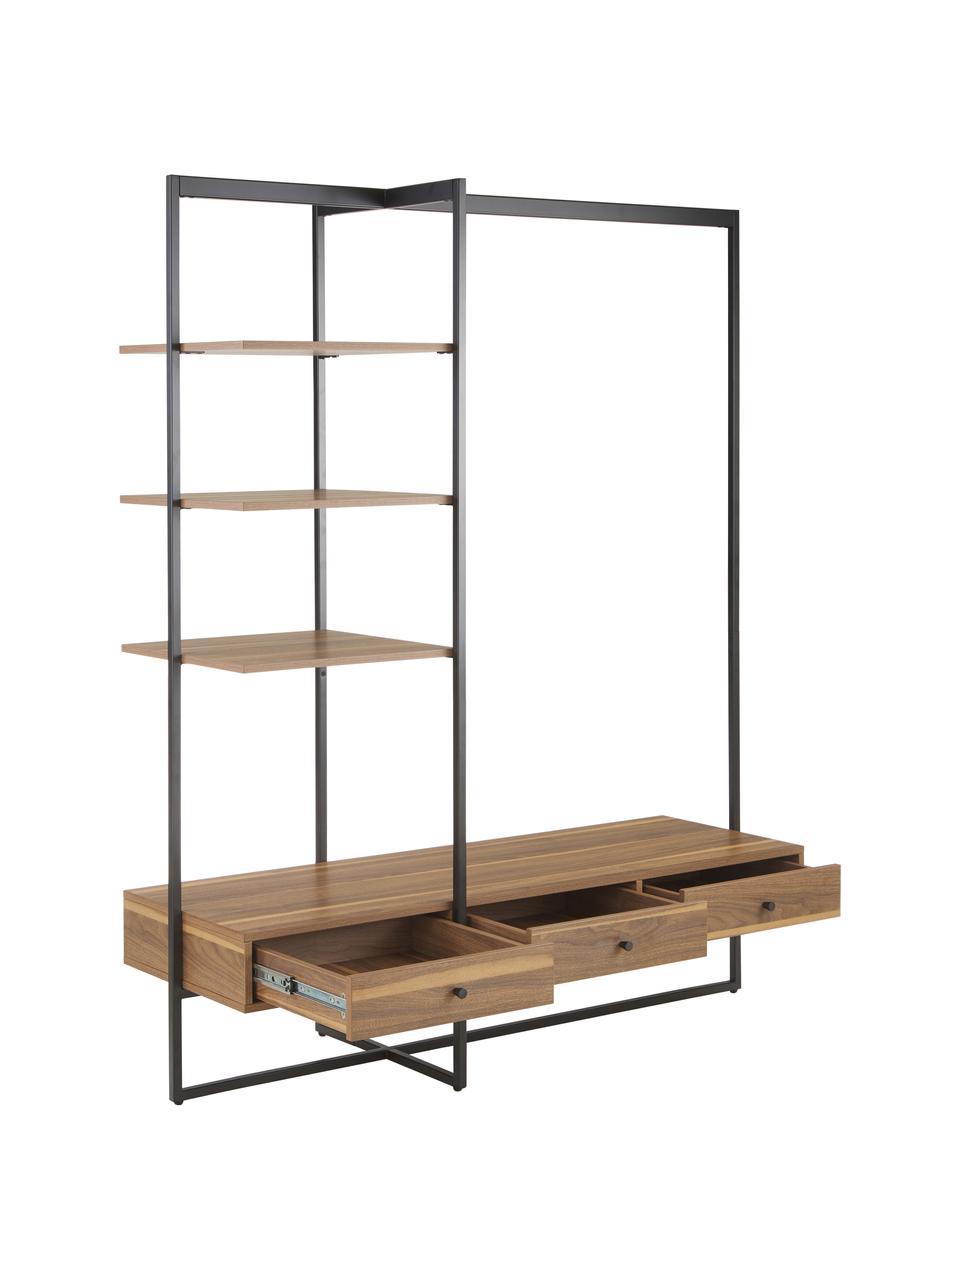 Armadio aperto in legno e metallo Pacey, Struttura: metallo verniciato a polv, Nero, Larg. 150 x Alt. 180 cm